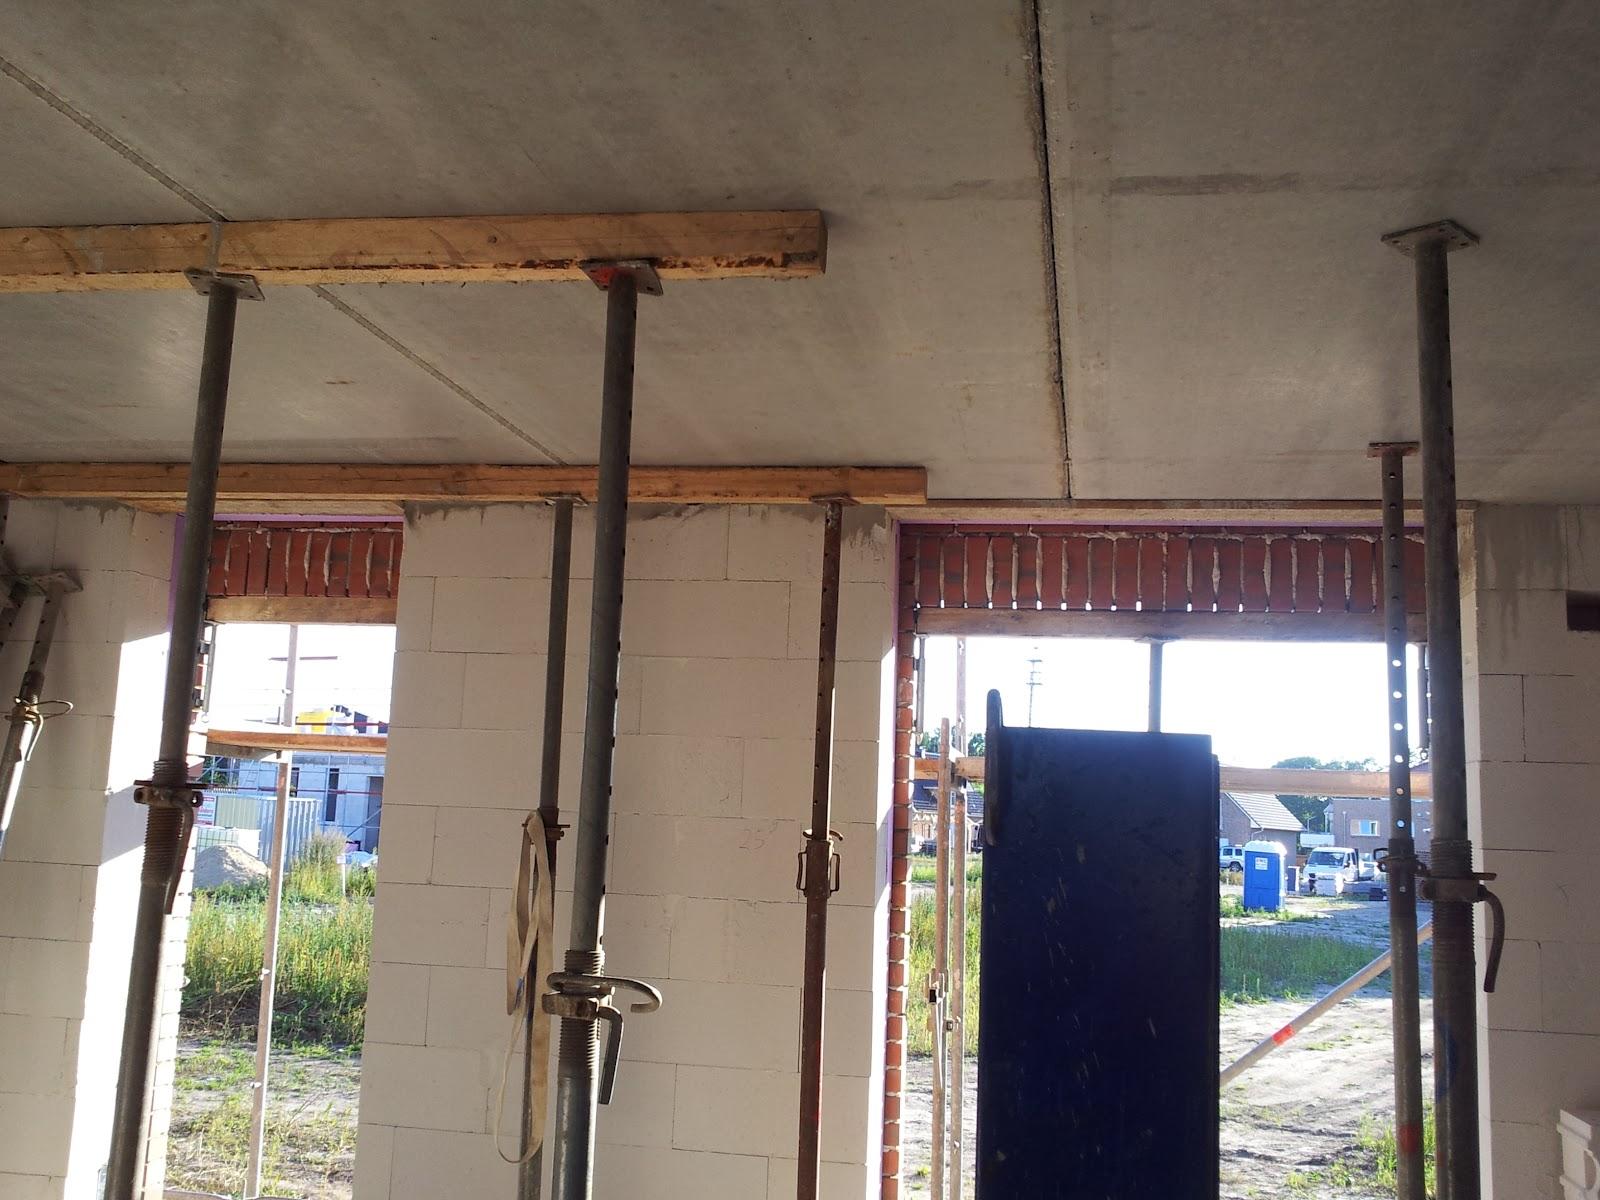 hausbau in adendorf bei l neburg mit claassen haus town country august 2012. Black Bedroom Furniture Sets. Home Design Ideas